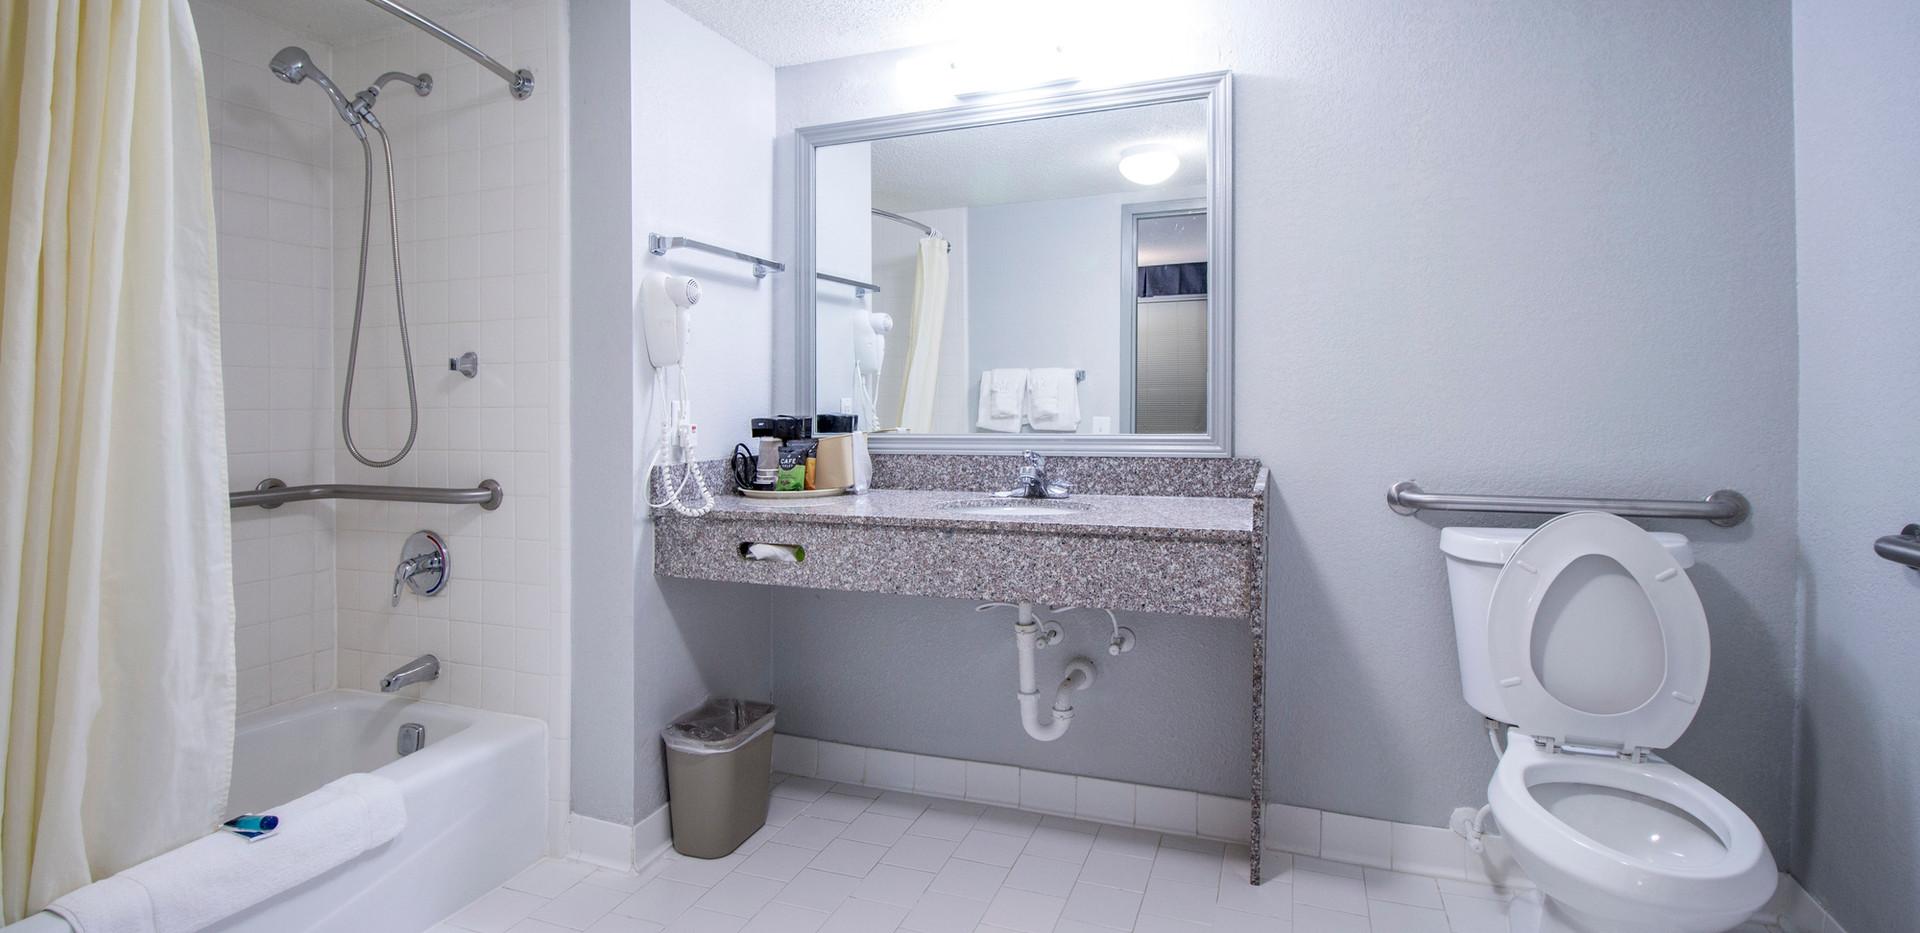 King Accessible Bathroom